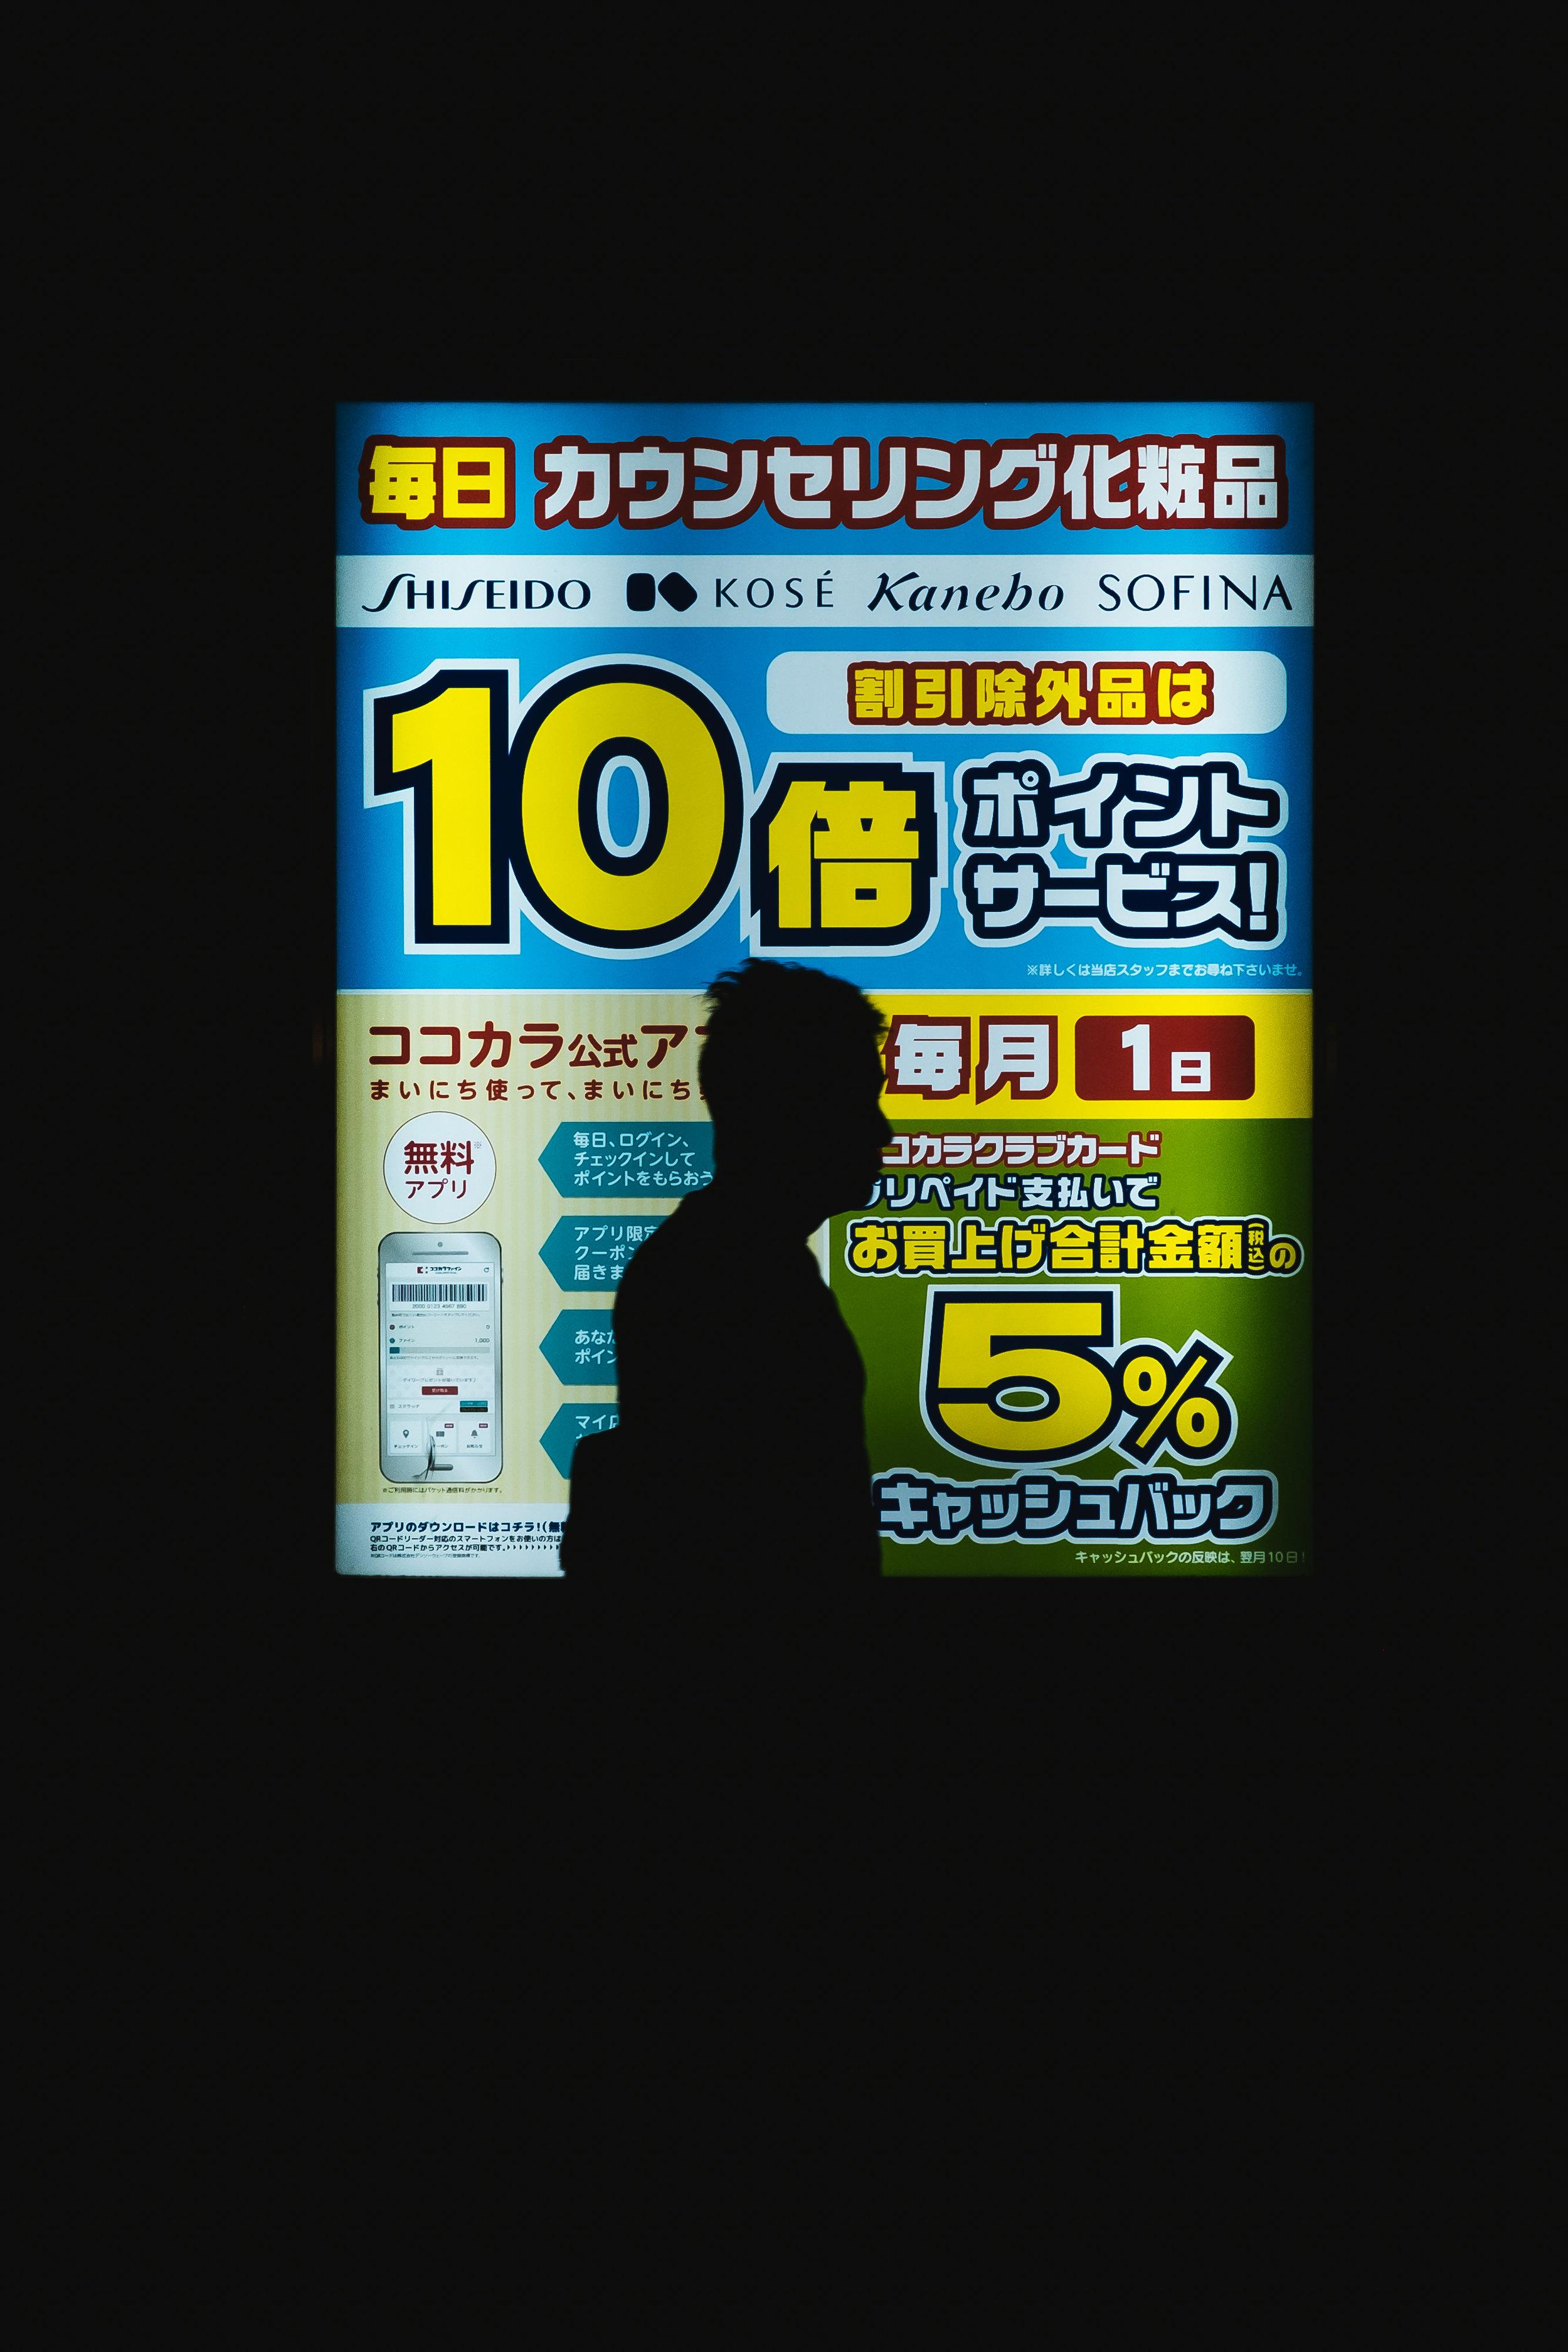 Nakano-sign-silhouette.jpg